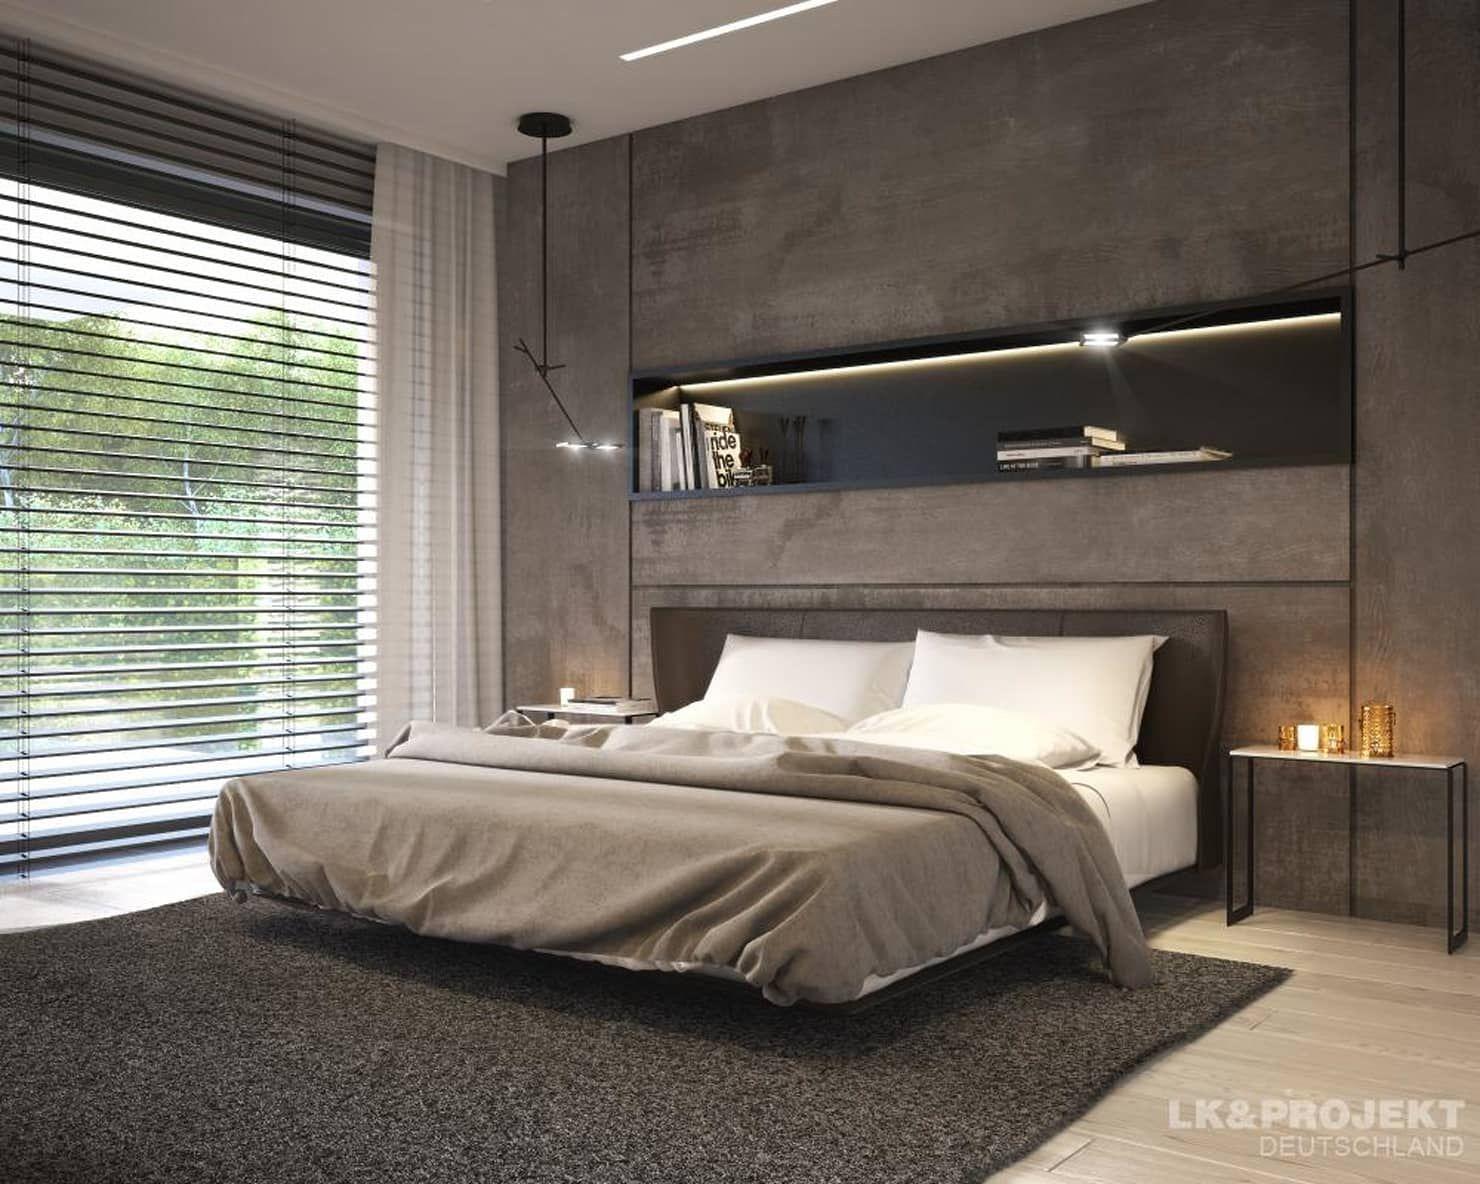 Wohnzimmer, Küche, Schlafzimmer, Bad; Garderobe, Swimmingpool, Sauna    Nicht Nur